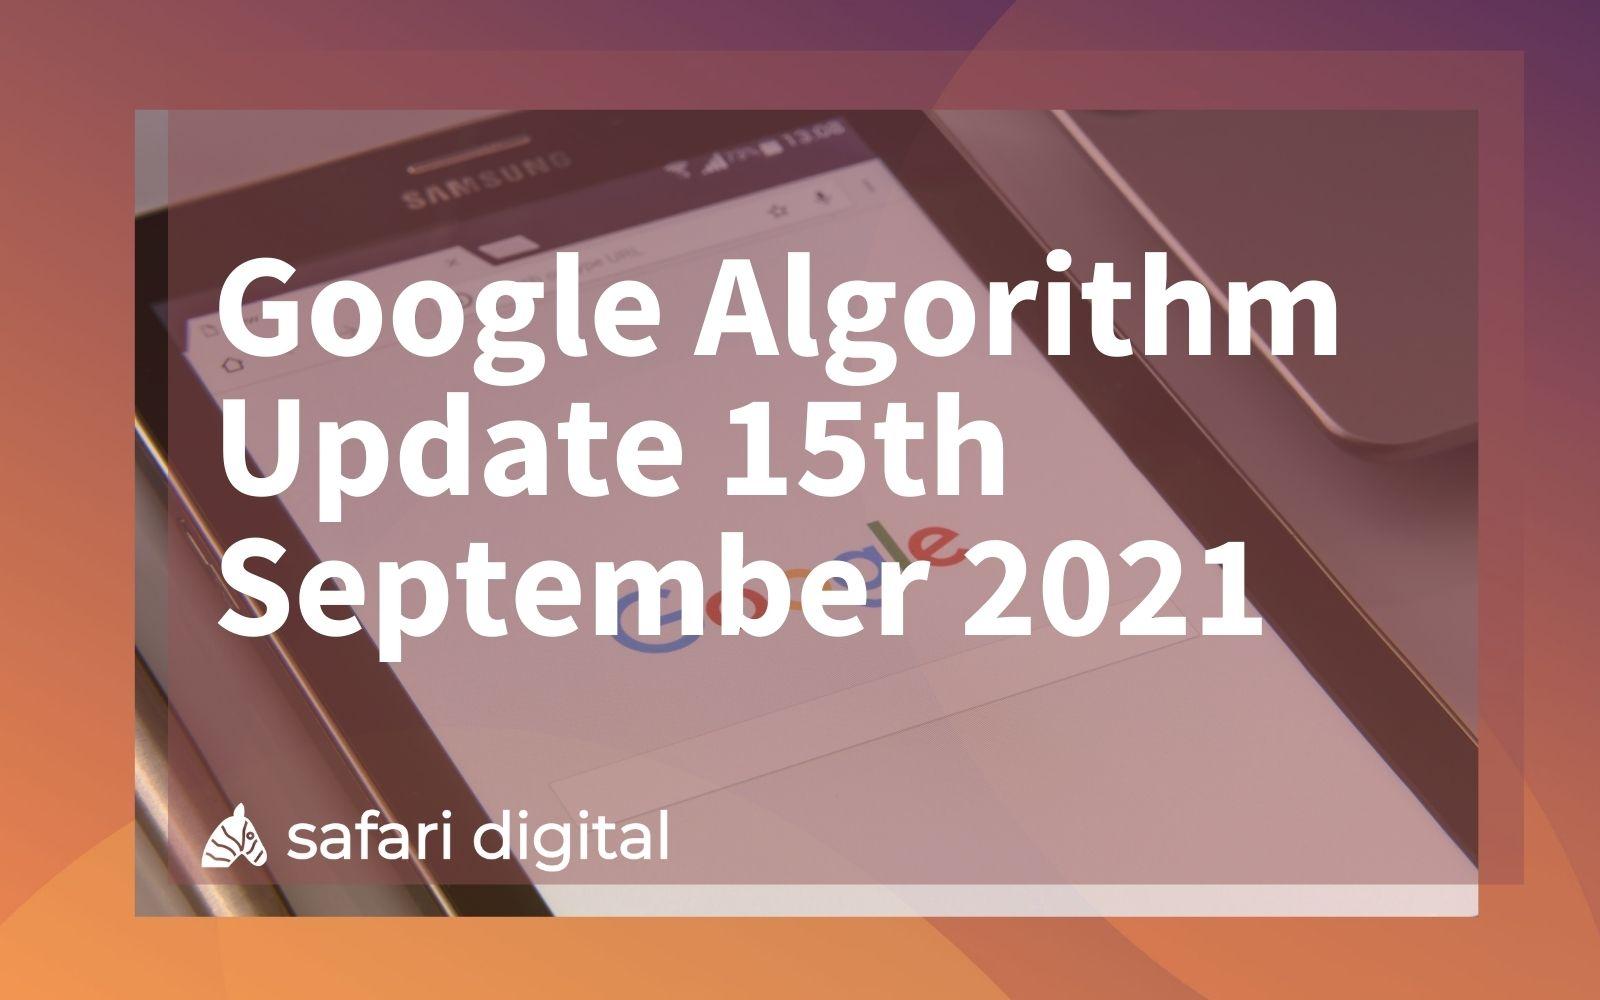 Google Algorithm Update 15th September 2021